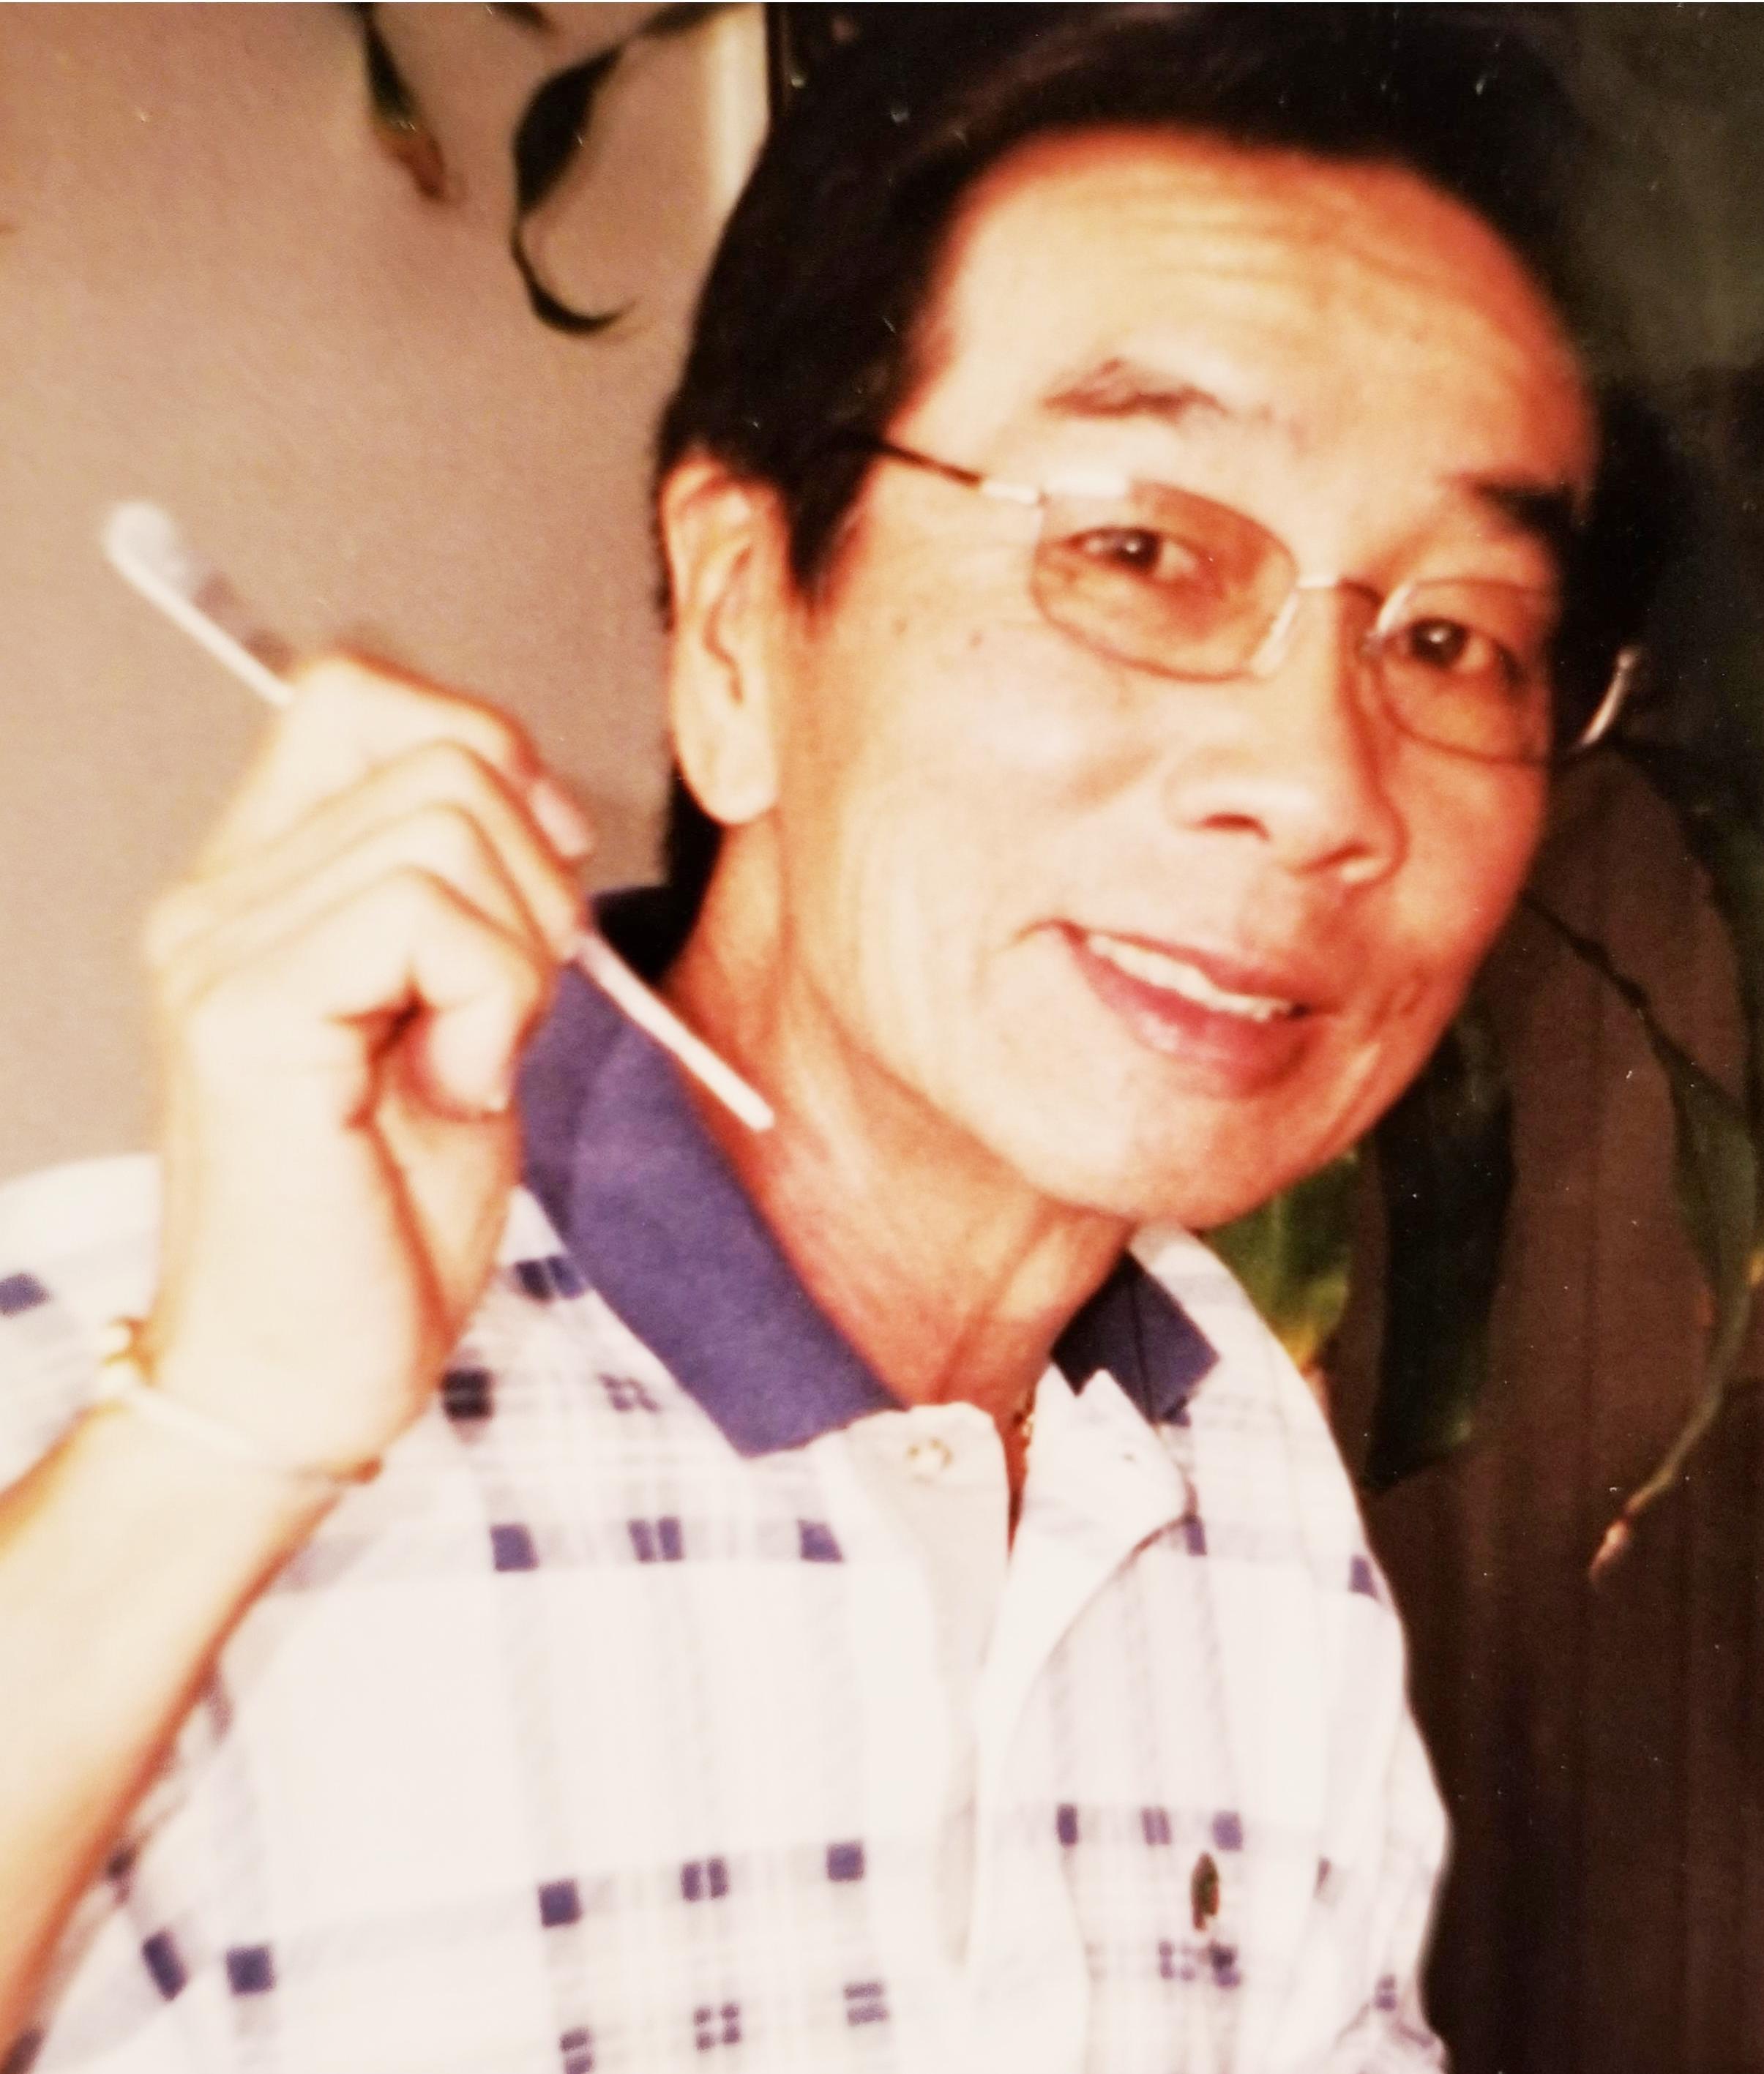 Melvin Toshio Shitagi